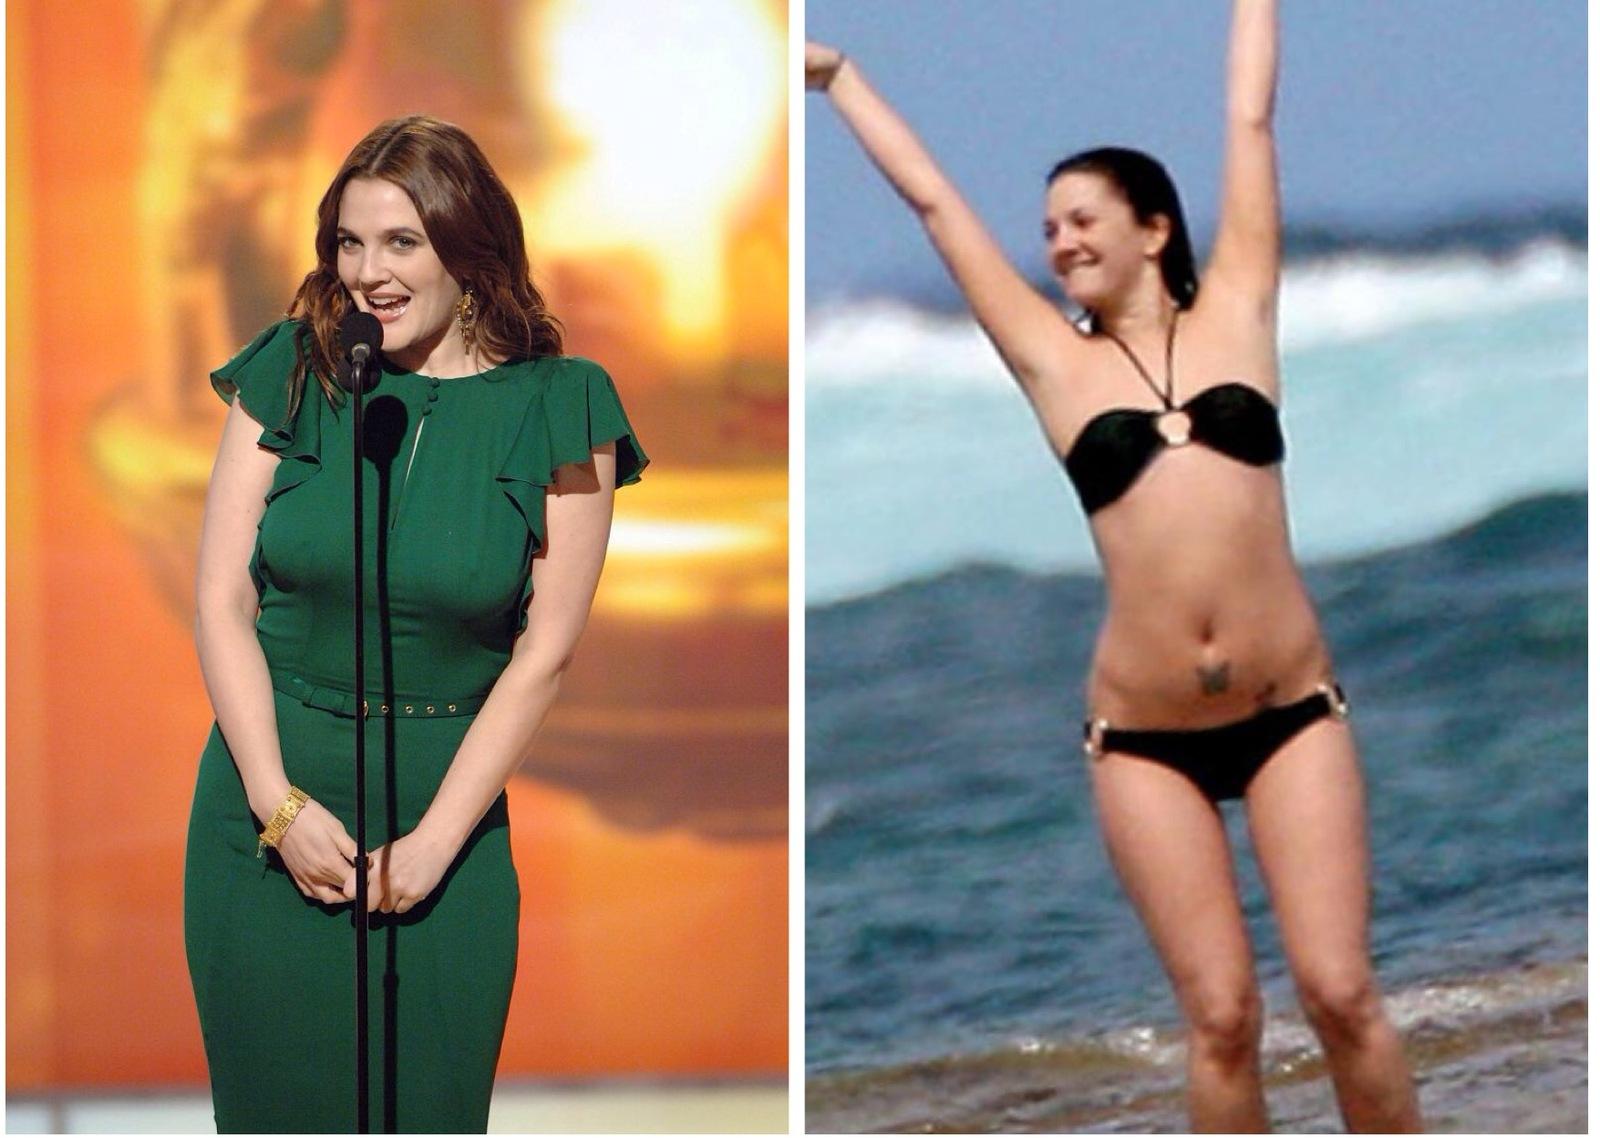 Стоячие груди худых моделей